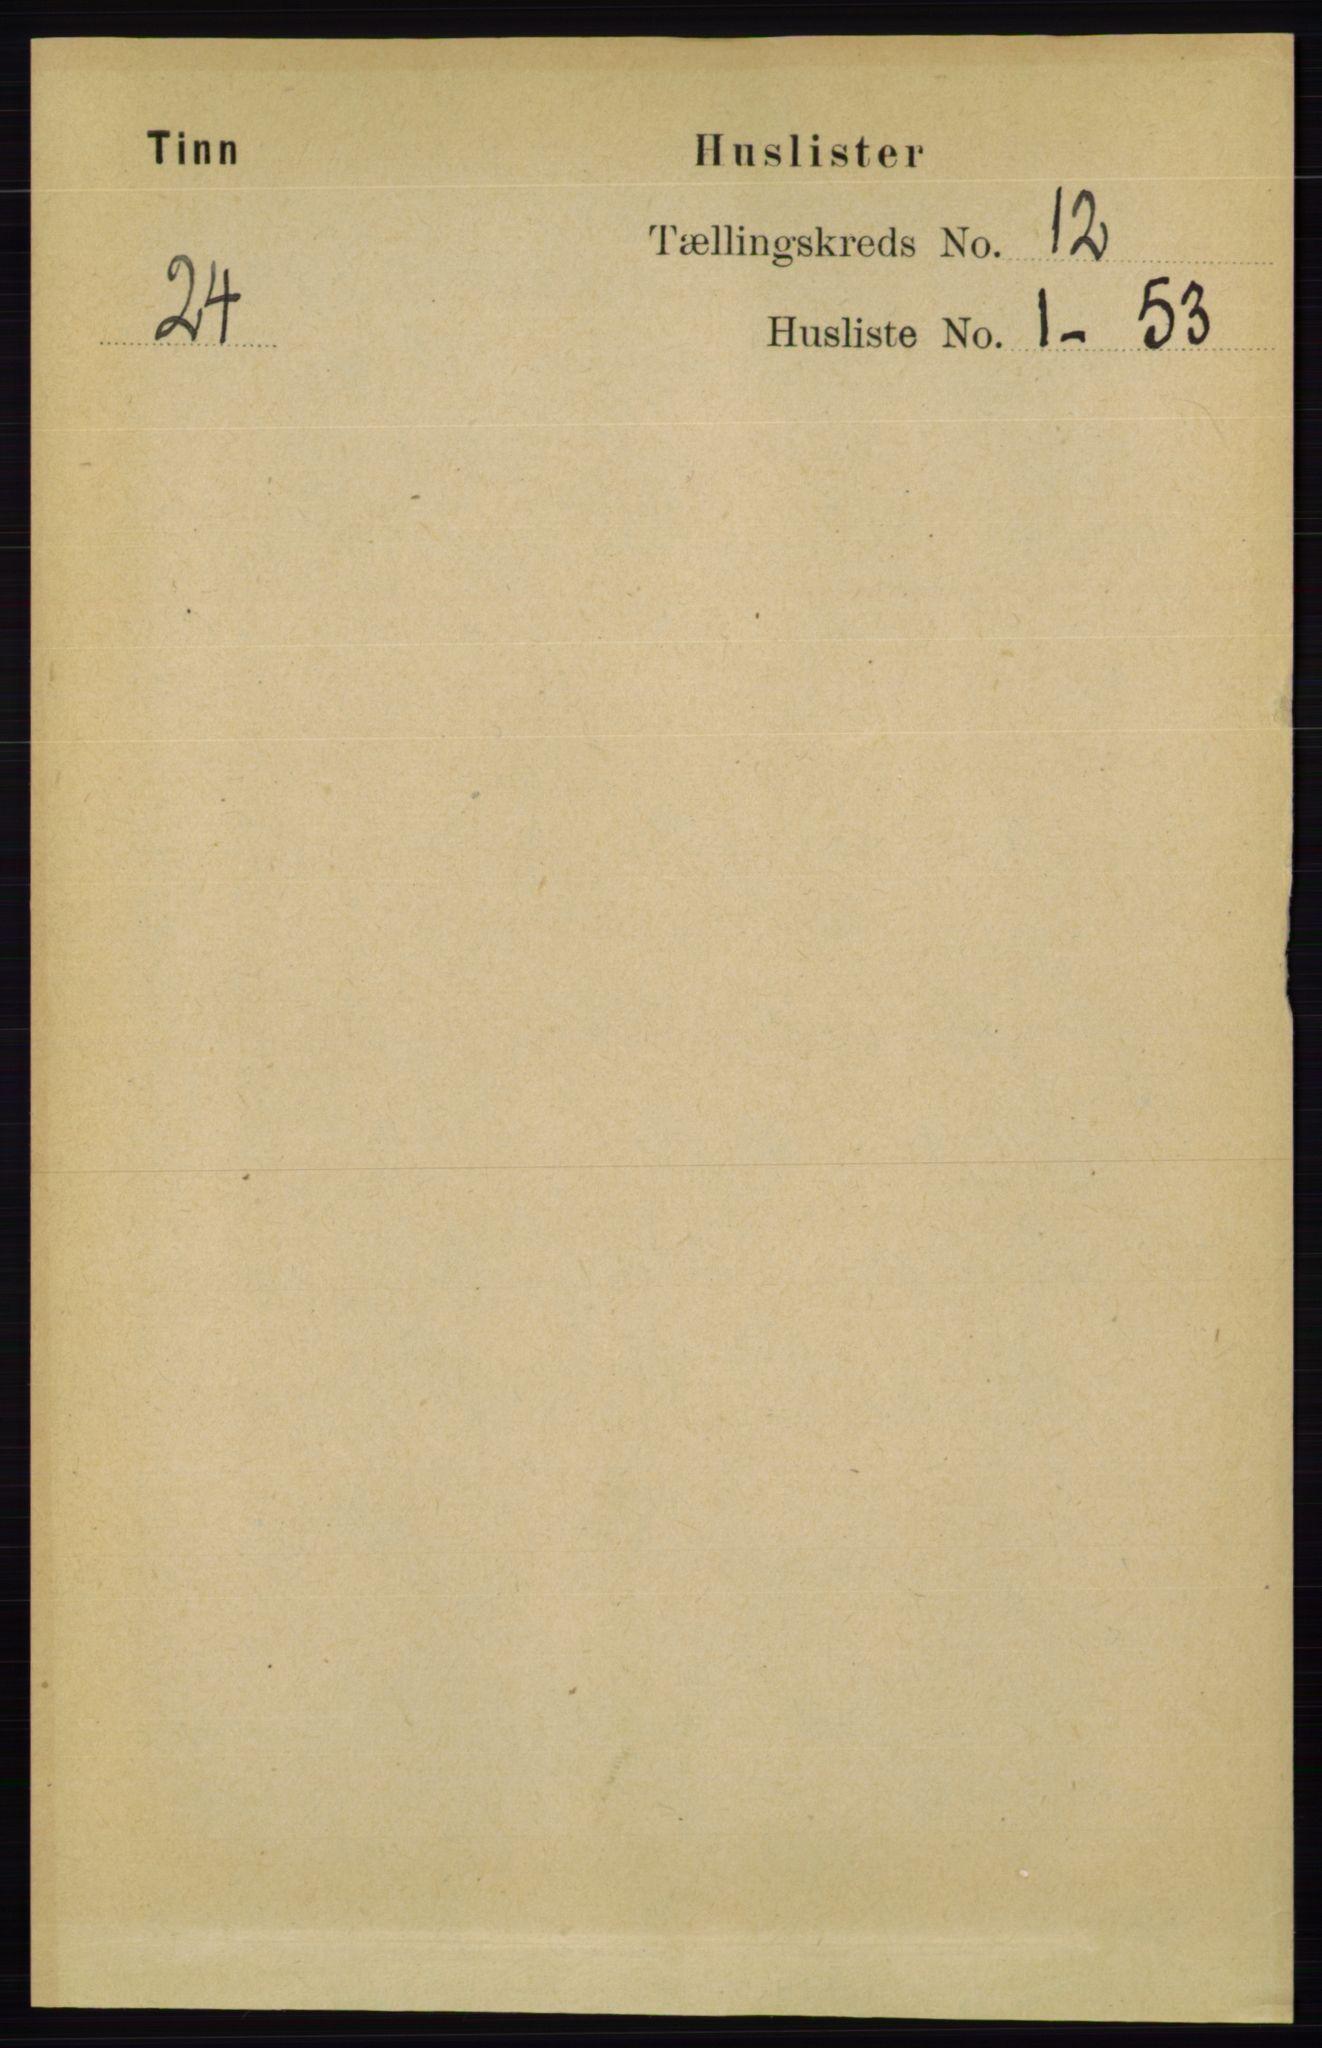 RA, Folketelling 1891 for 0826 Tinn herred, 1891, s. 2262